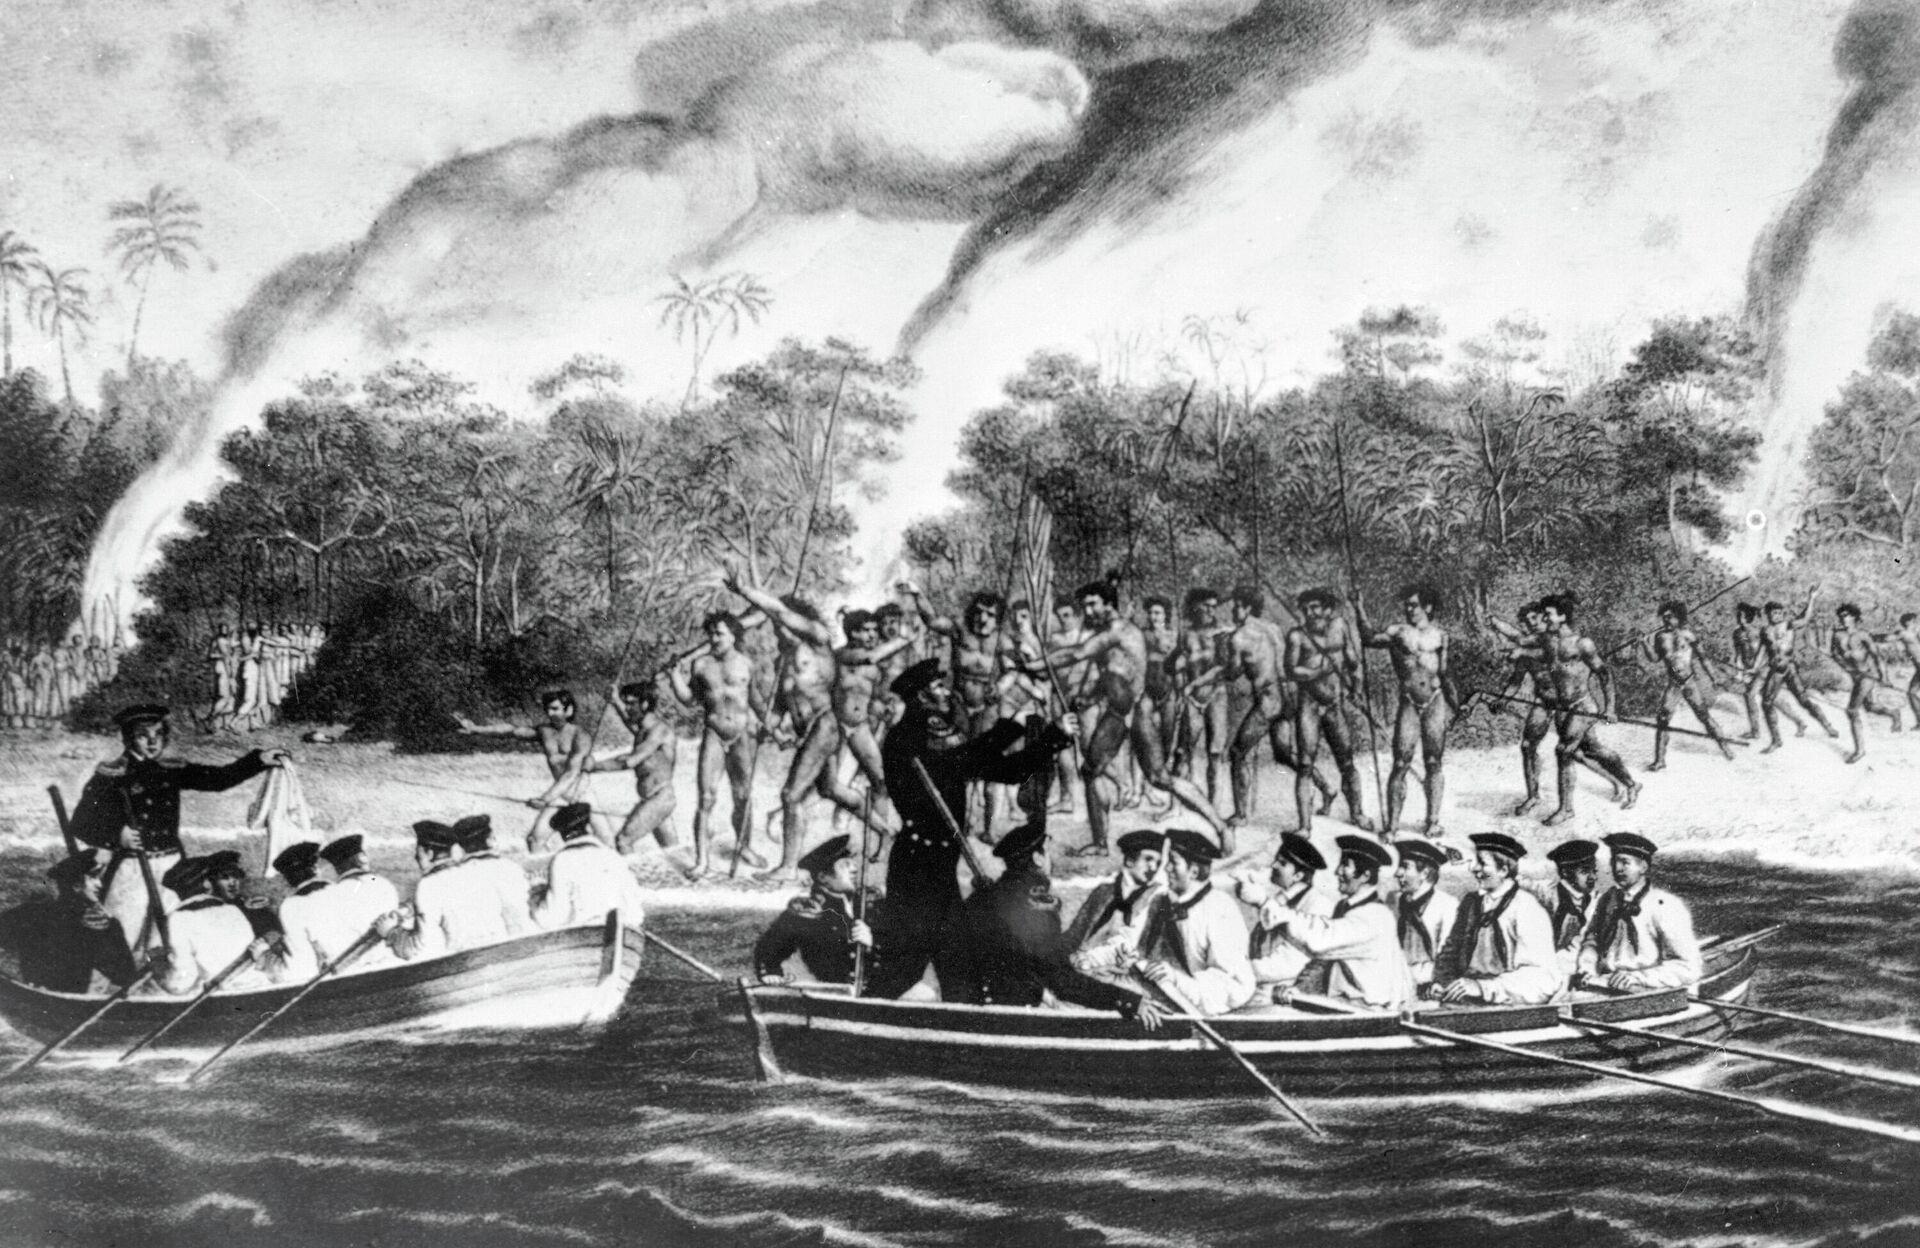 Туземцы кораллового острова Моллера встречают русских моряков - РИА Новости, 1920, 11.02.2021